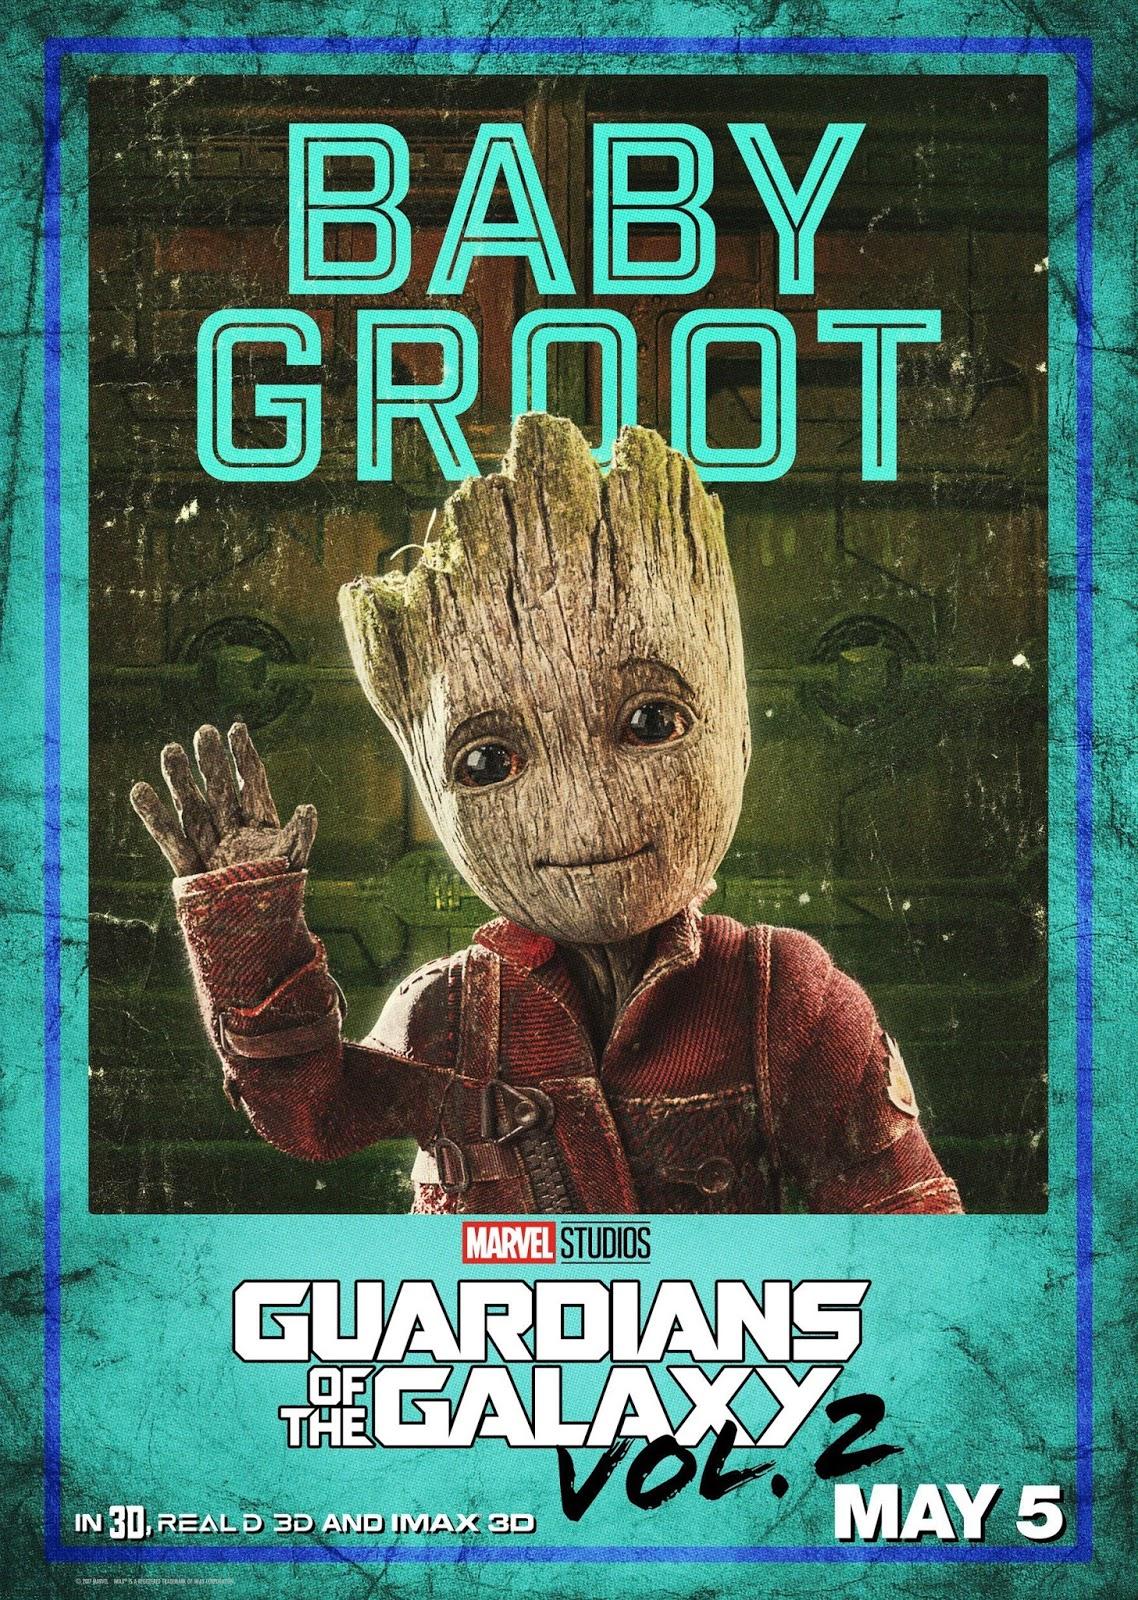 Стражи Галактики Часть 2, Guardians of the Galaxy Vol 2, малыш Грут, Грут, Baby Groot, Groot